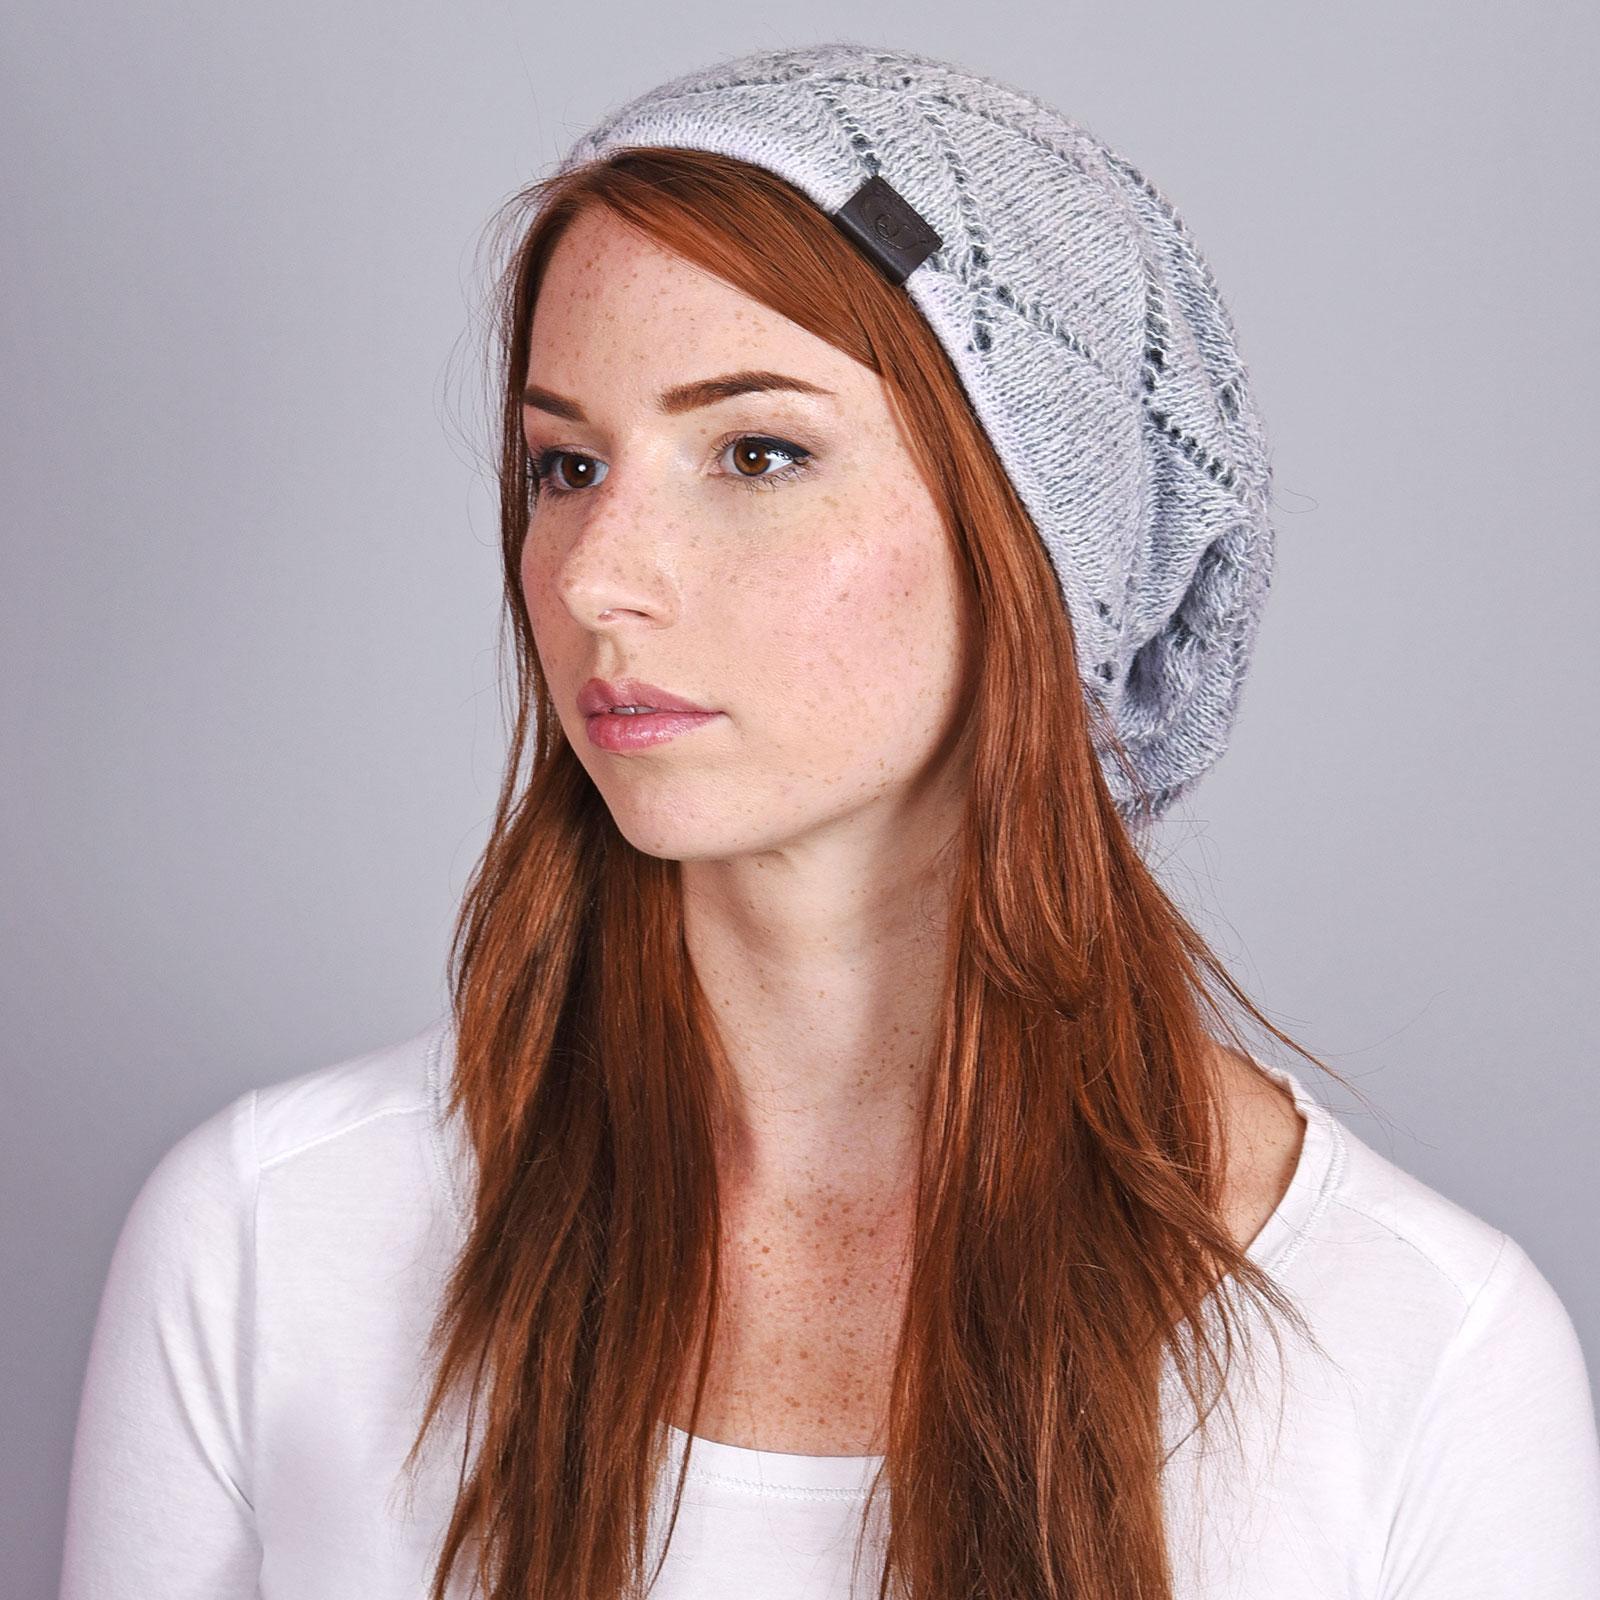 CP-01060-VF16-1-bonnet-femme-mohair-gris-bleu